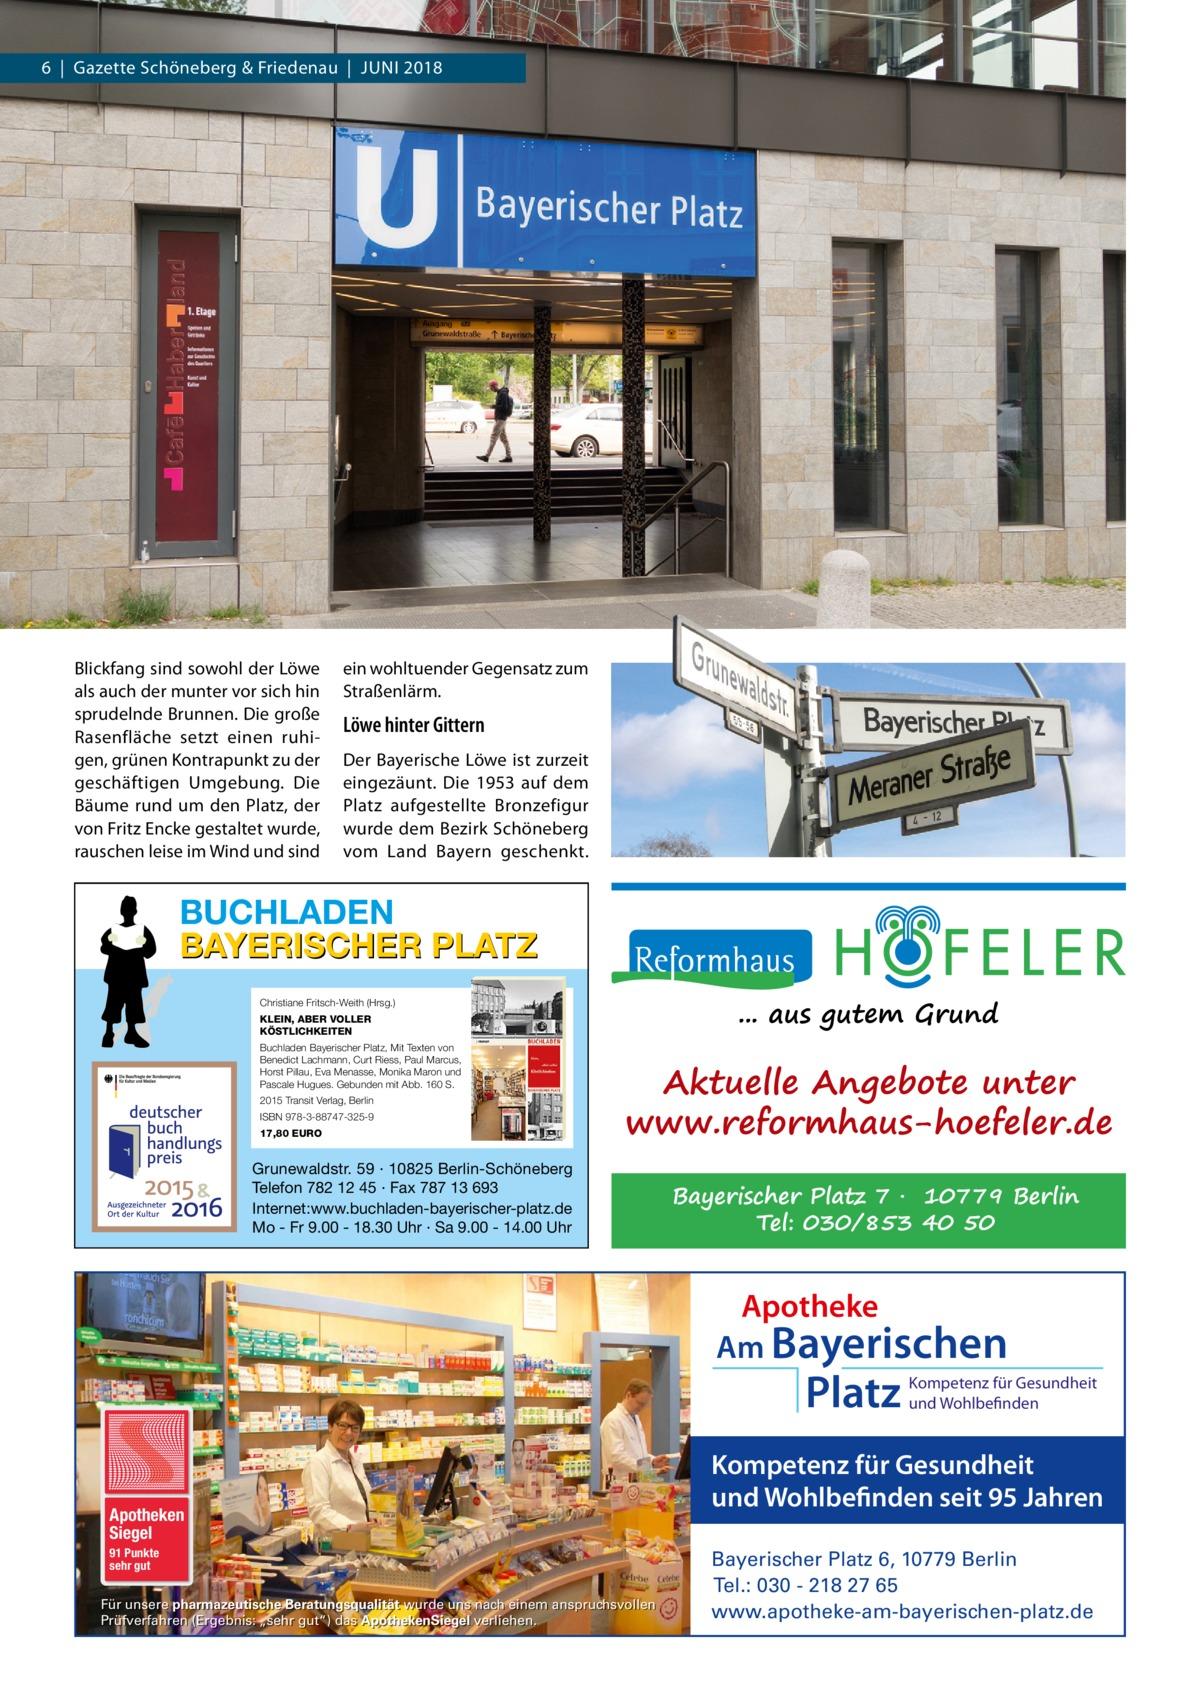 """6 Gazette Schöneberg & Friedenau JUNI 2018  Blickfang sind sowohl der Löwe als auch der munter vor sich hin sprudelnde Brunnen. Die große Rasenfläche setzt einen ruhigen, grünen Kontrapunkt zu der geschäftigen Umgebung. Die Bäume rund um den Platz, der von Fritz Encke gestaltet wurde, rauschen leise im Wind und sind  ein wohltuender Gegensatz zum Straßenlärm.  Löwe hinter Gittern Der Bayerische Löwe ist zurzeit eingezäunt. Die 1953 auf dem Platz aufgestellte Bronzefigur wurde dem Bezirk Schöneberg vom Land Bayern geschenkt.  BUCHLADEN BAYERISCHER PLATZ ... aus gutem Grund  Christiane Fritsch-Weith (Hrsg.) KLEIN, ABER VOLLER KÖSTLICHKEITEN Buchladen Bayerischer Platz, Mit Texten von Benedict Lachmann, Curt Riess, Paul Marcus, Horst Pillau, Eva Menasse, Monika Maron und Pascale Hugues. Gebunden mit Abb. 160 S. 2015 Transit Verlag, Berlin ISBN 978-3-88747-325-9 17,80 EURO  Aktuelle Angebote unter www.reformhaus-hoefeler.de  Grunewaldstr. 59 · 10825 Berlin-Schöneberg Telefon 782 12 45 · Fax 787 13 693 Internet:www.buchladen-bayerischer-platz.de Mo - Fr 9.00 - 18.30 Uhr · Sa 9.00 - 14.00 Uhr  Bayerischer Platz 7 · 10779 Berlin Tel: 030/853 40 50  Apotheke Am Bayerischen  Platz  Apotheken Siegel 91 Punkte sehr gut  Für unsere pharmazeutische Beratungsqualität wurde uns nach einem anspruchsvollen Prüfverfahren (Ergebnis: """"sehr gut"""") das ApothekenSiegel verliehen.  Kompetenz für Gesundheit und Wohlbefinden  Kompetenz für Gesundheit und Wohlbefinden seit 95 Jahren Bayerischer Platz 6, 10779 Berlin Tel.: 030 - 218 27 65 www.apotheke-am-bayerischen-platz.de"""